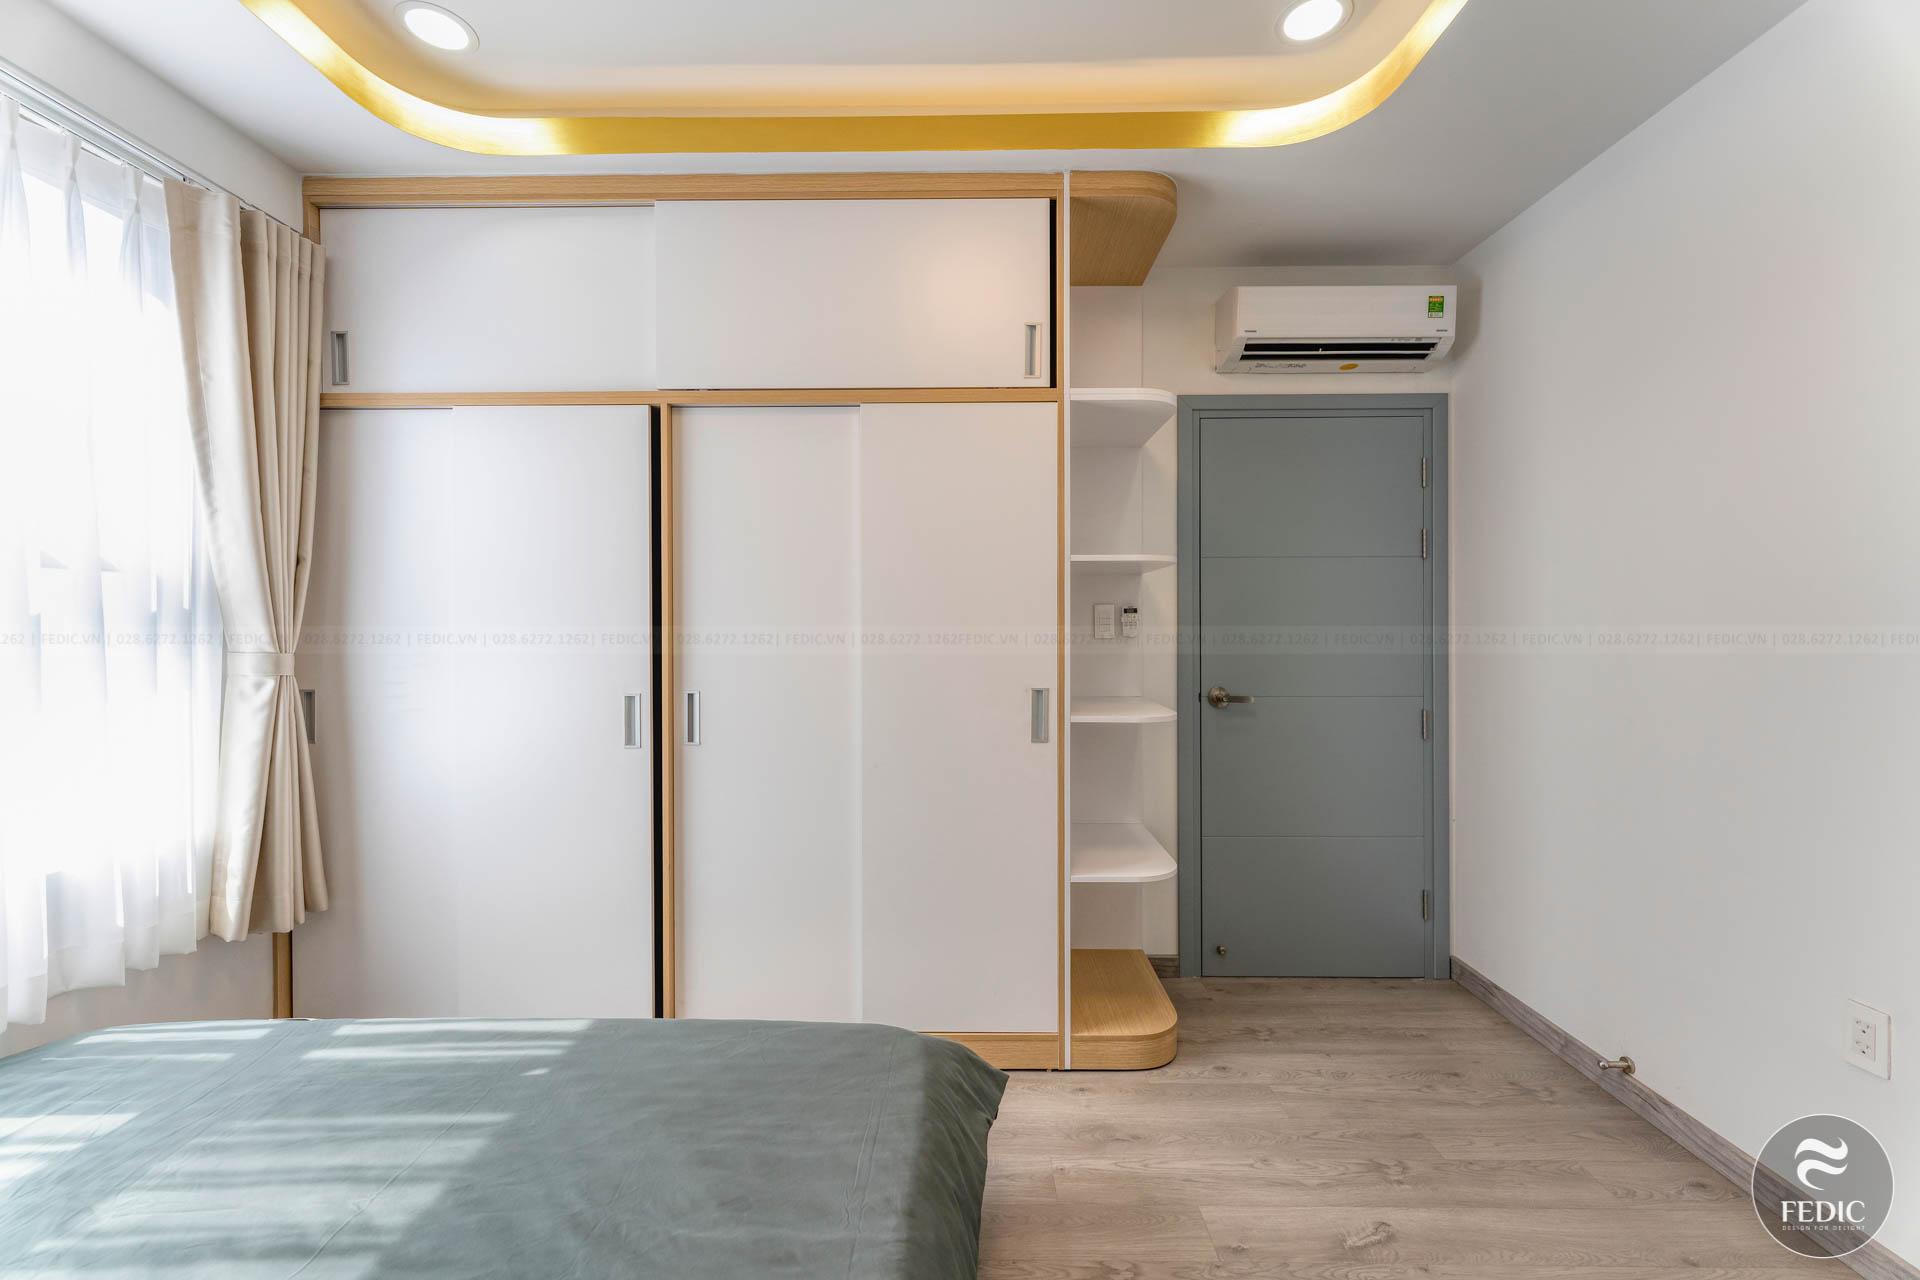 Nội thất căn hộ SSR- chị Phương-Fedic-20